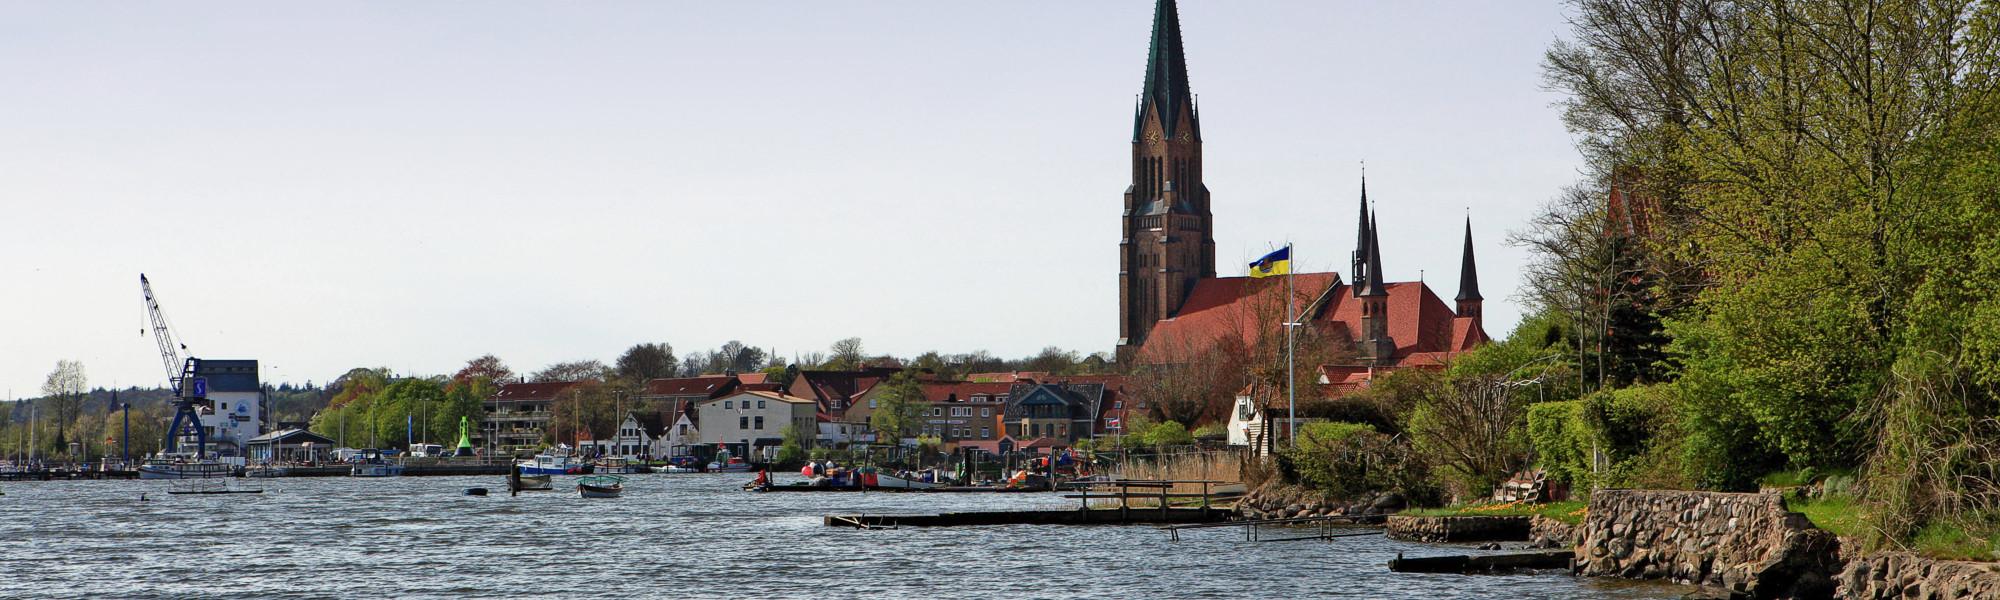 Foto Schleswig an der Schlei